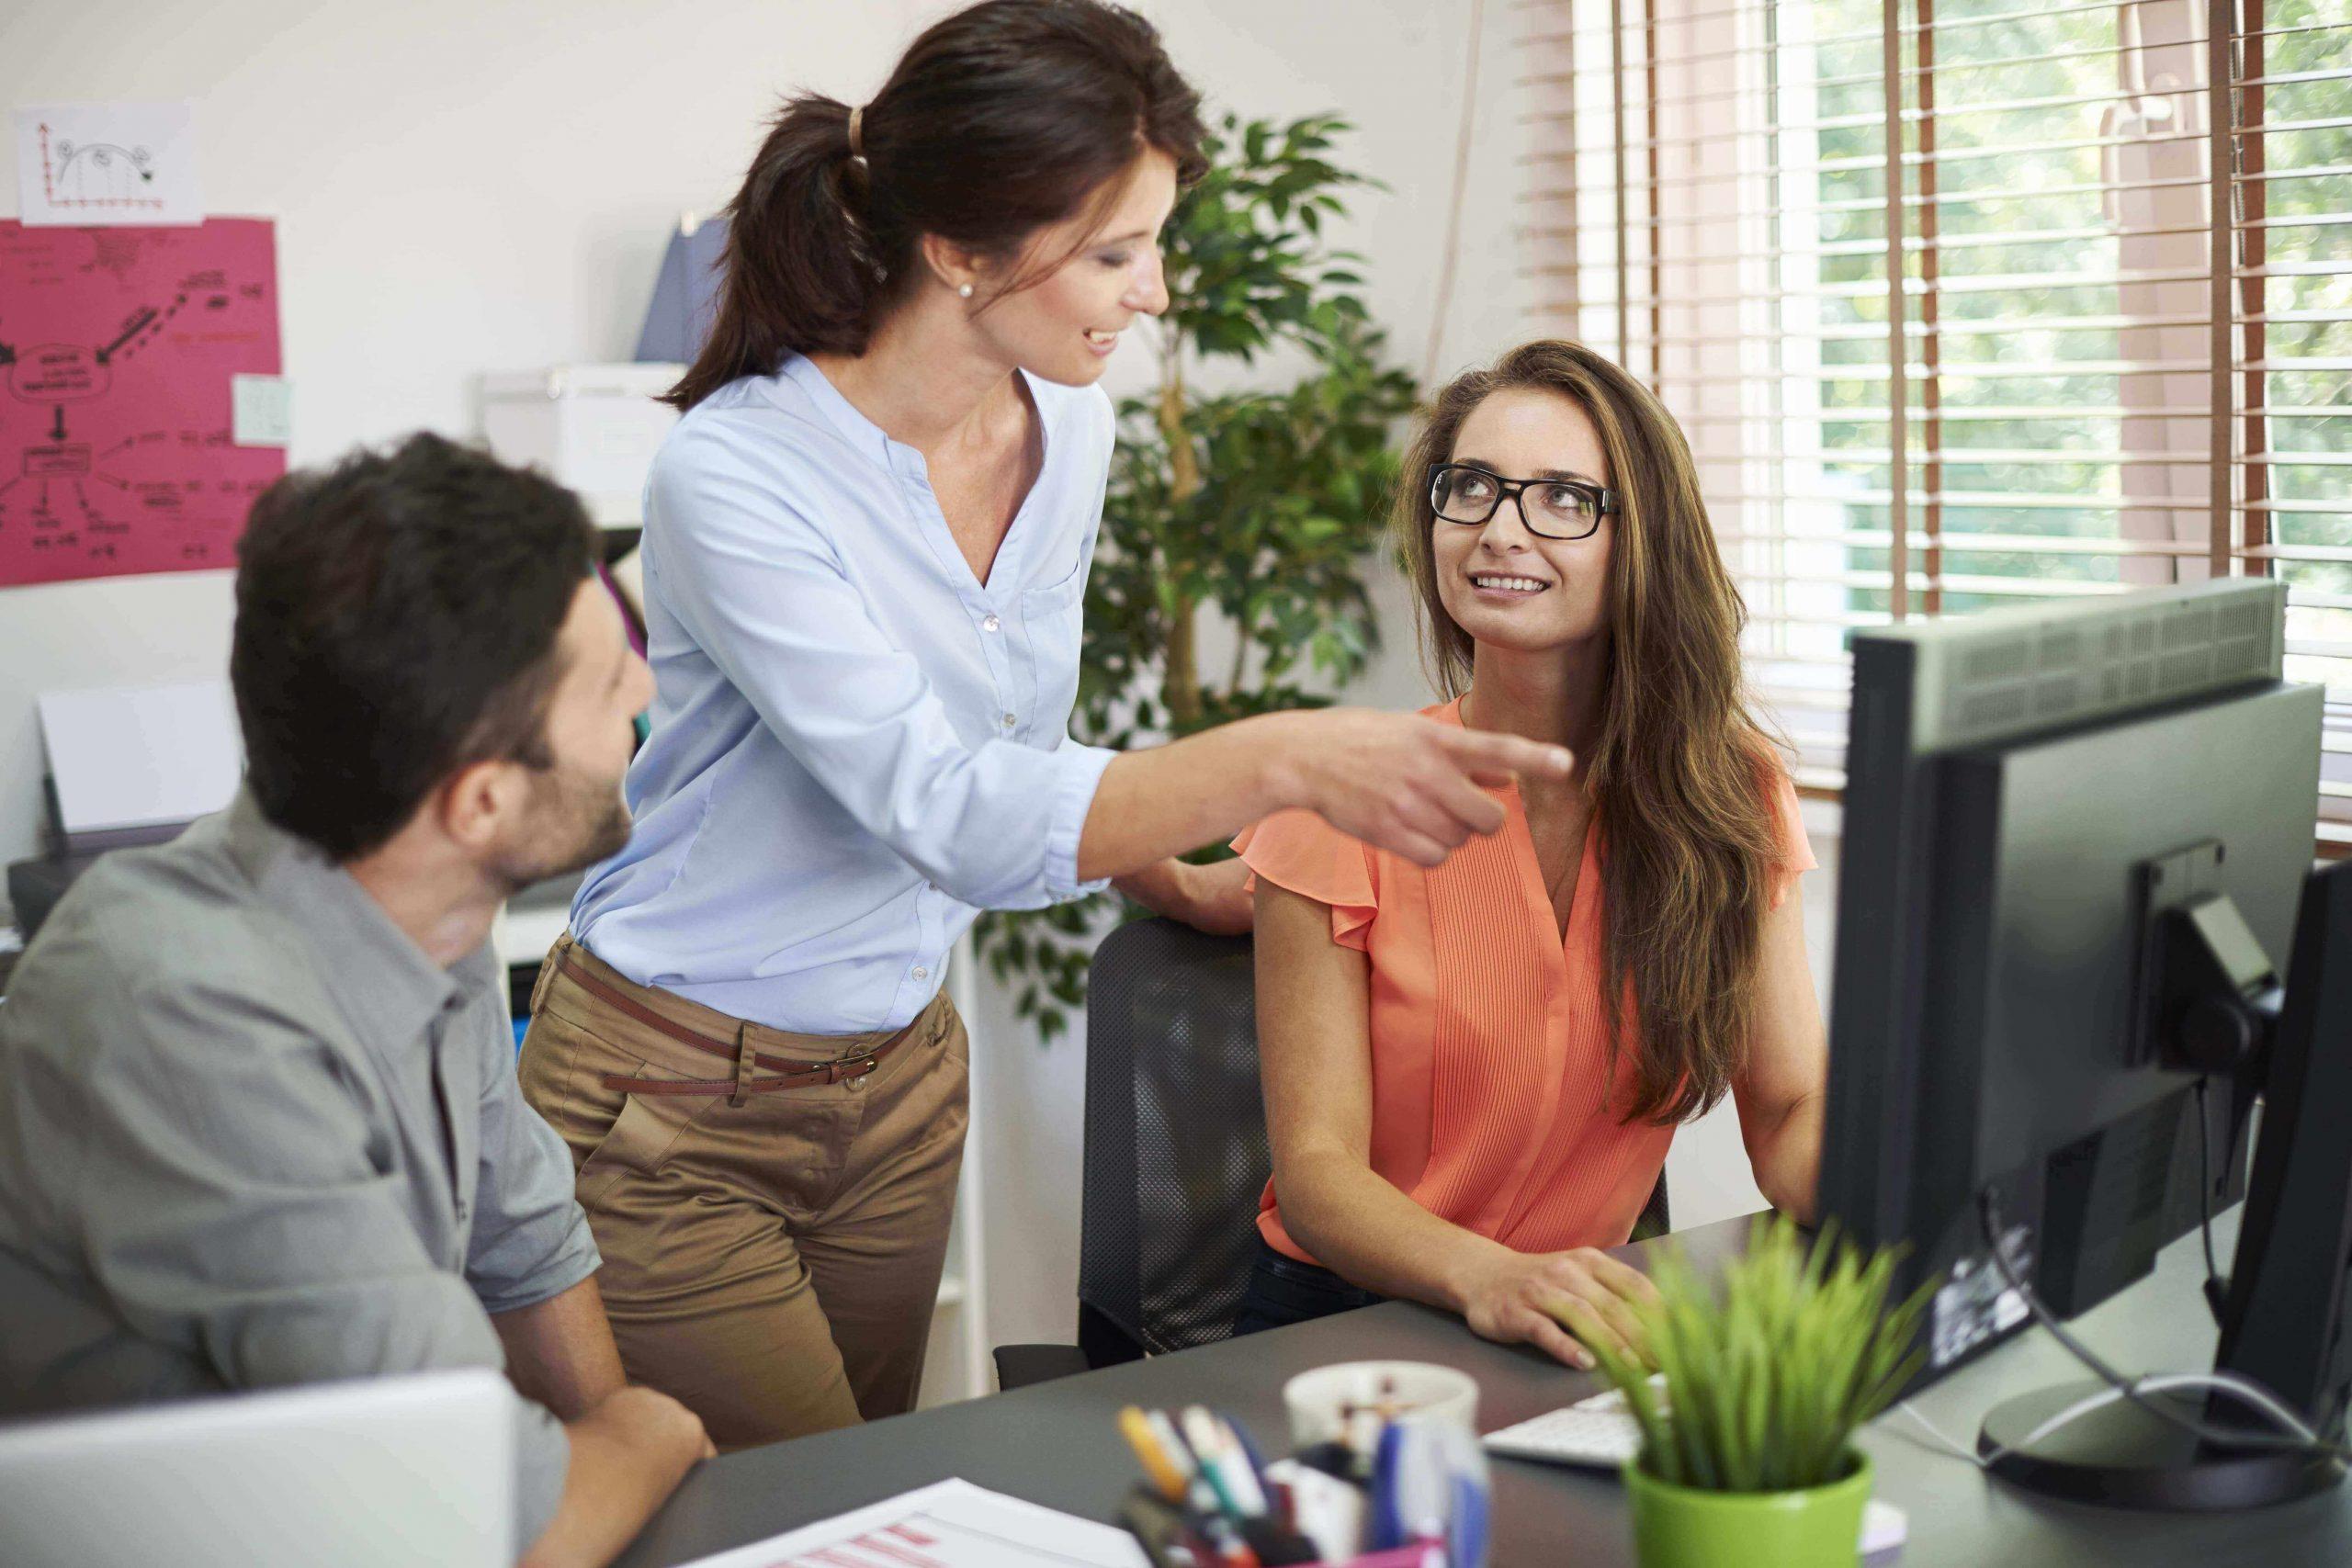 Personas trabajando en una oficina dando ideas